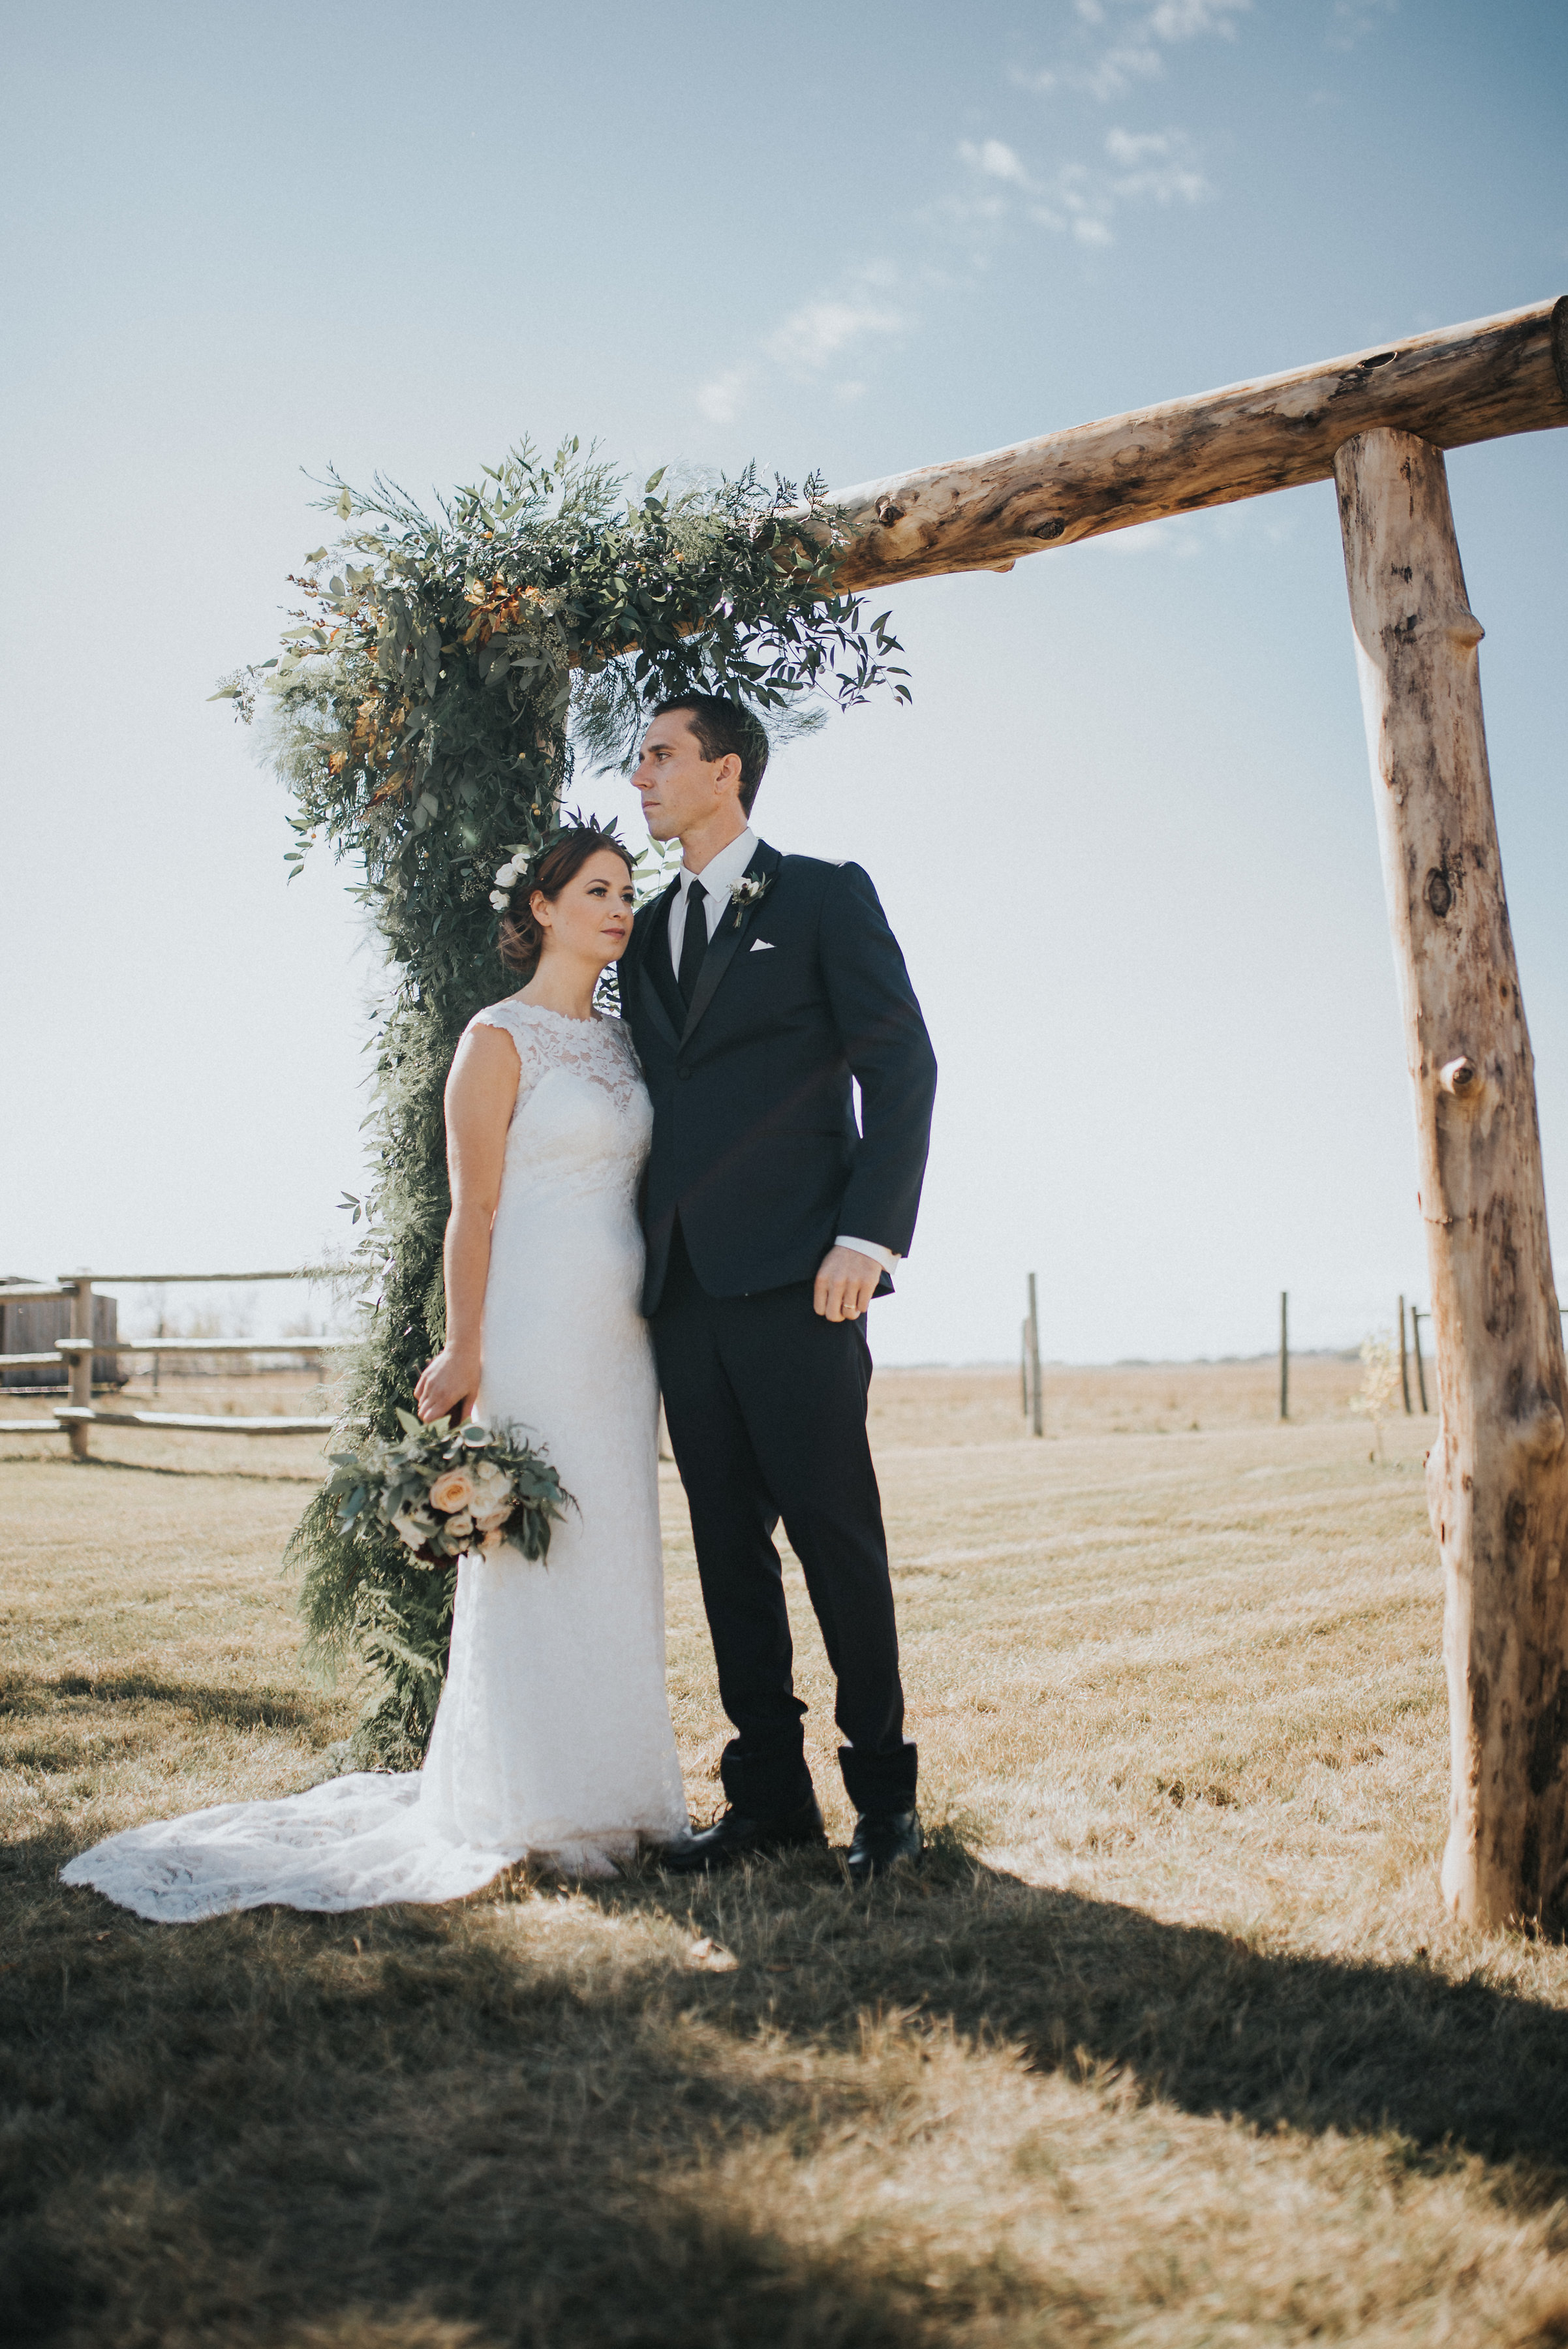 wedding arch greenery for weddings